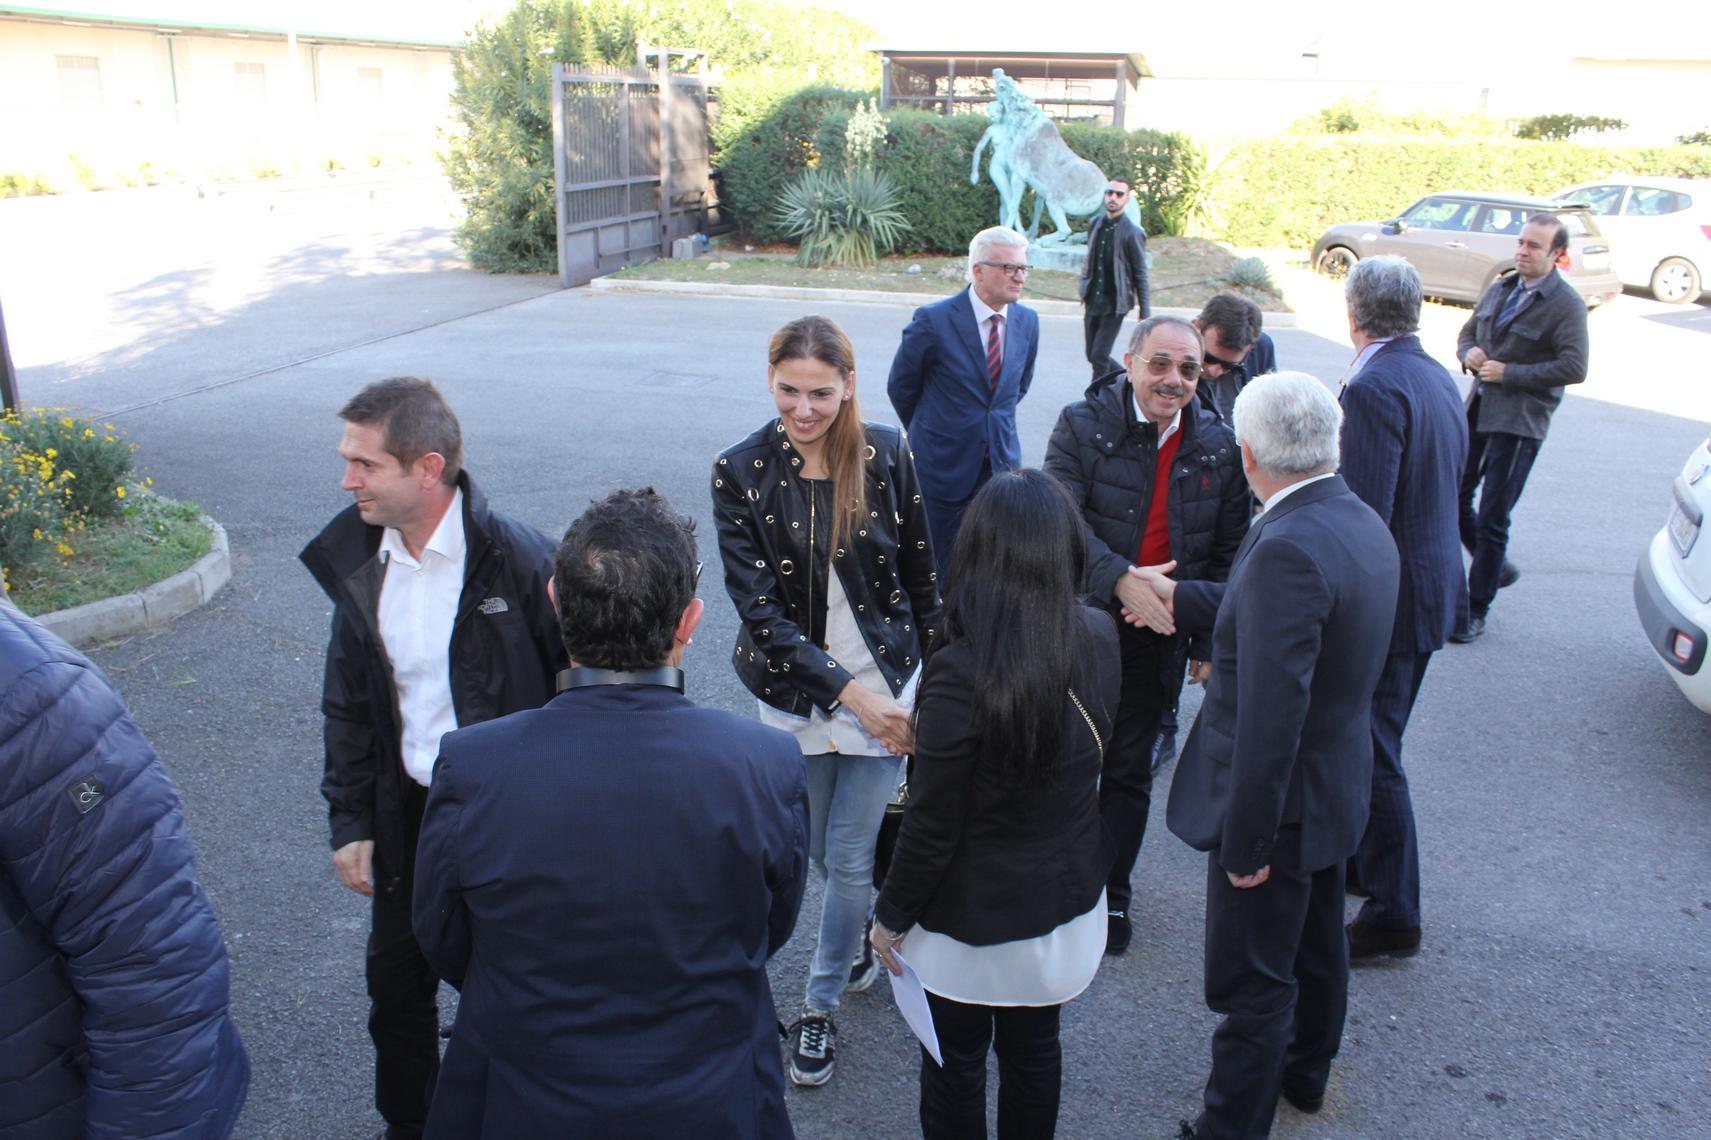 delegazione turca 10% 03